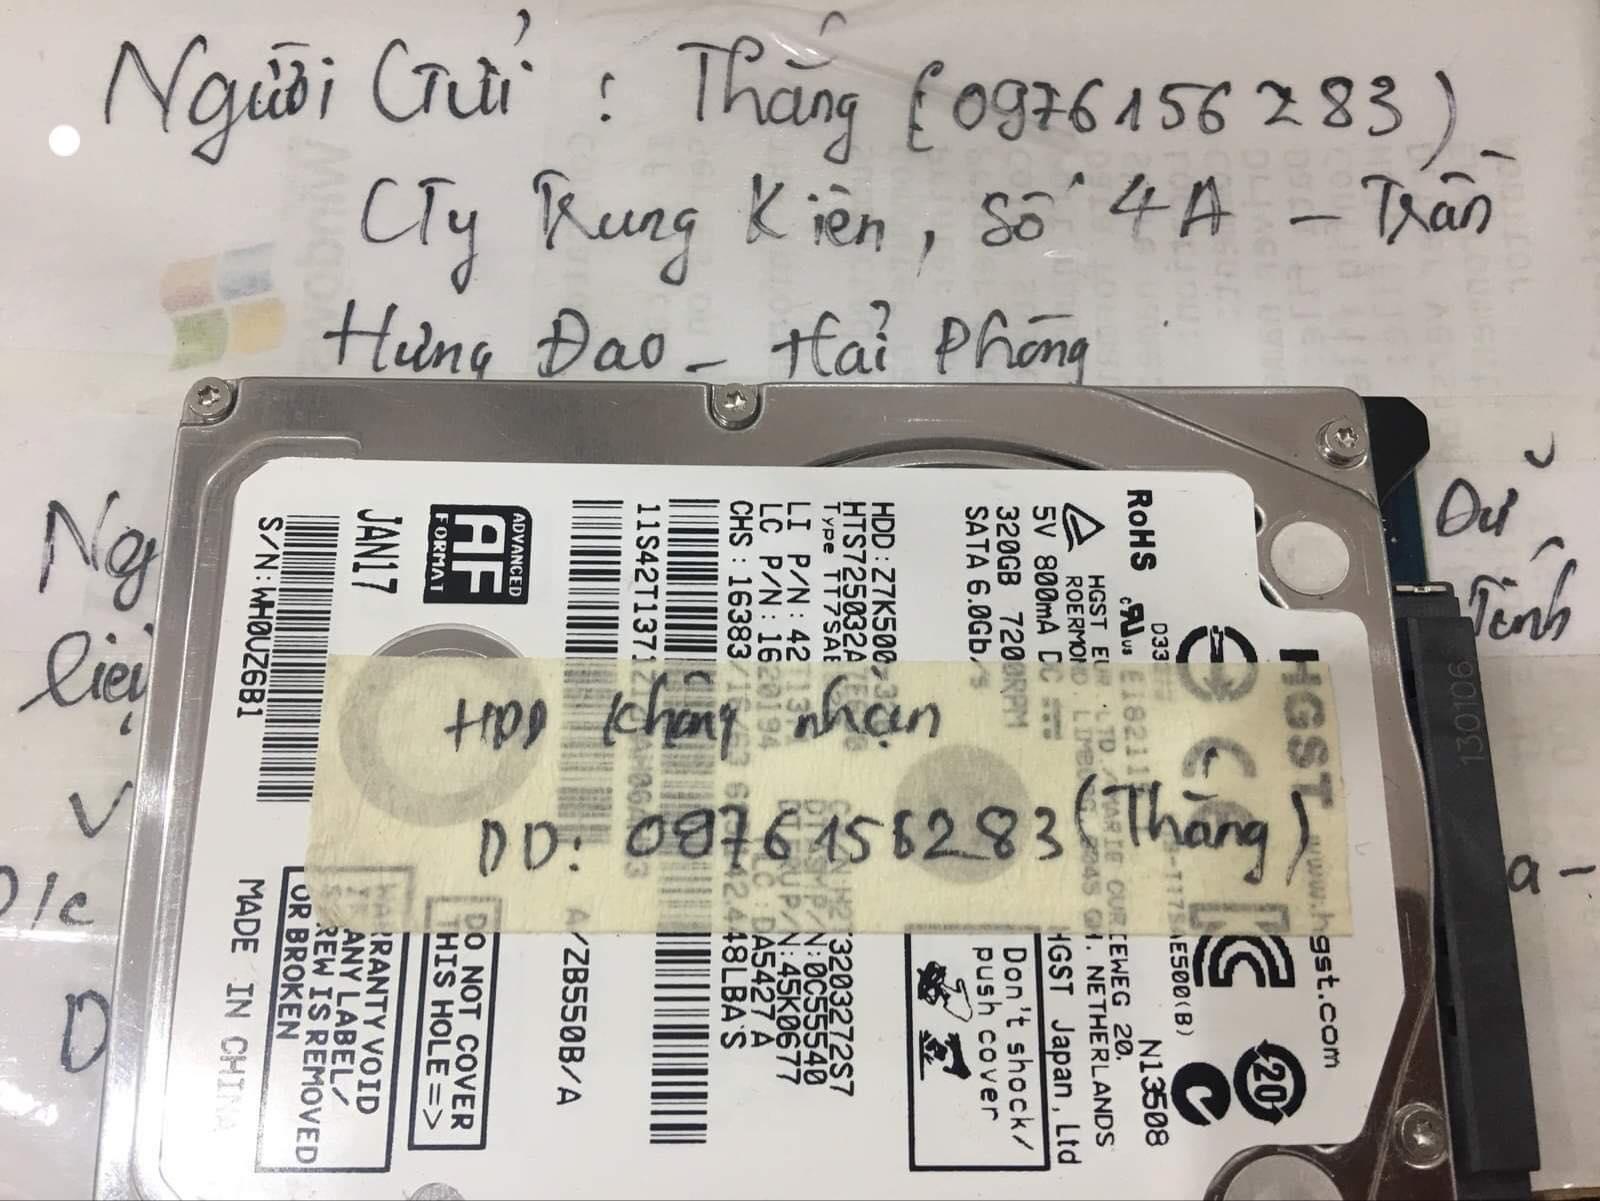 Khôi phục dữ liệu ổ cứng HGST 320GB lỗi cơ tại Hải Phòng 09/08/2019 - cuumaytinh